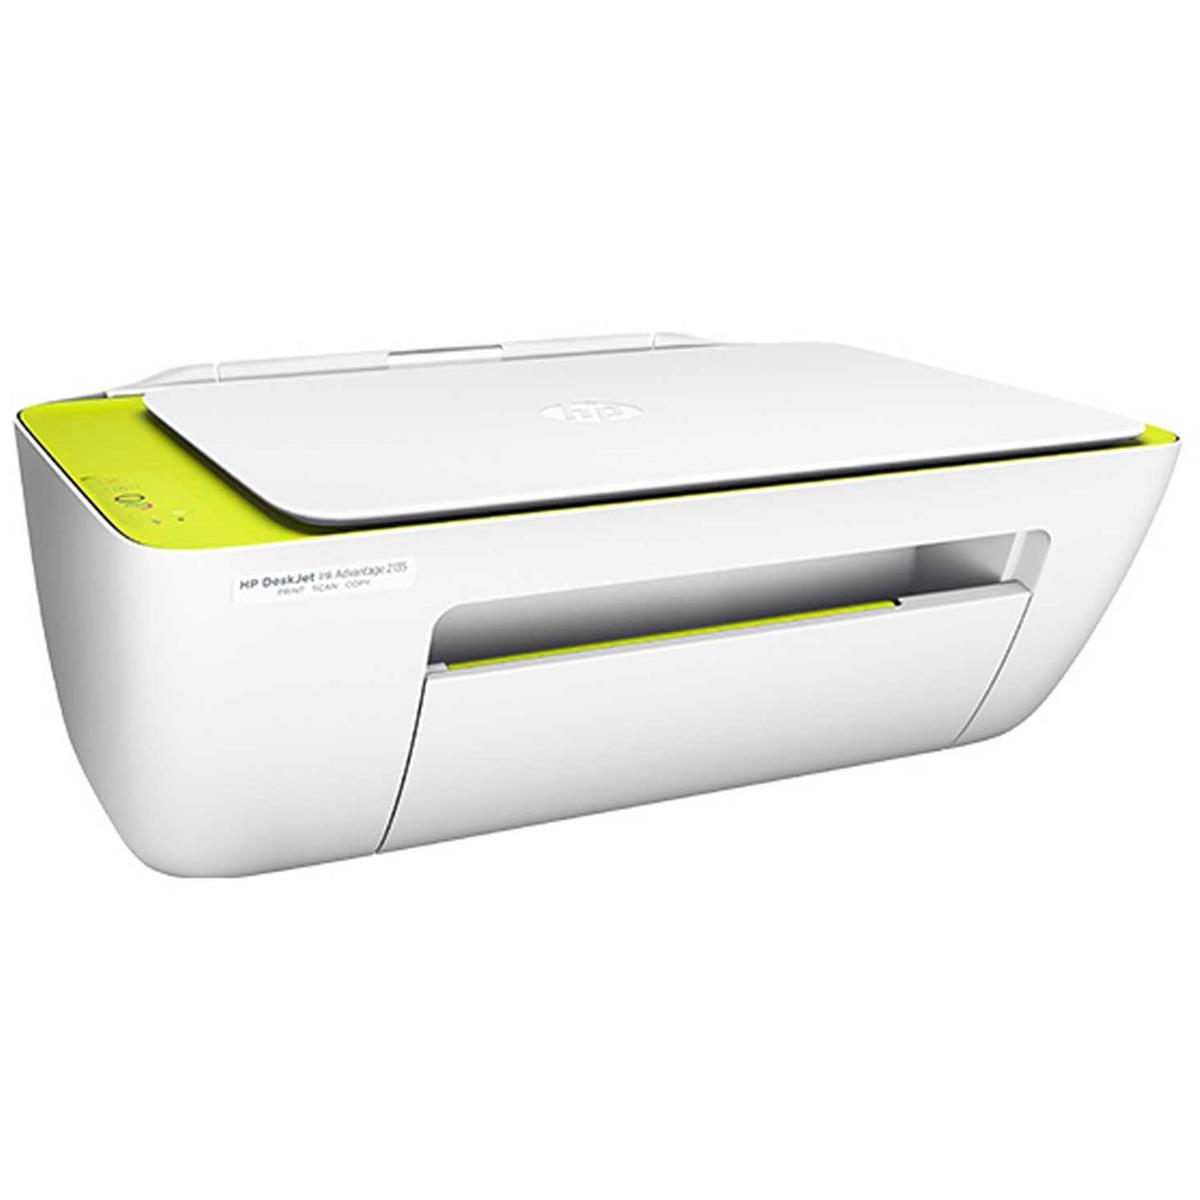 Impressora Multifuncional Deskjet Jato De Tinta Color F5s30aak4 Hp